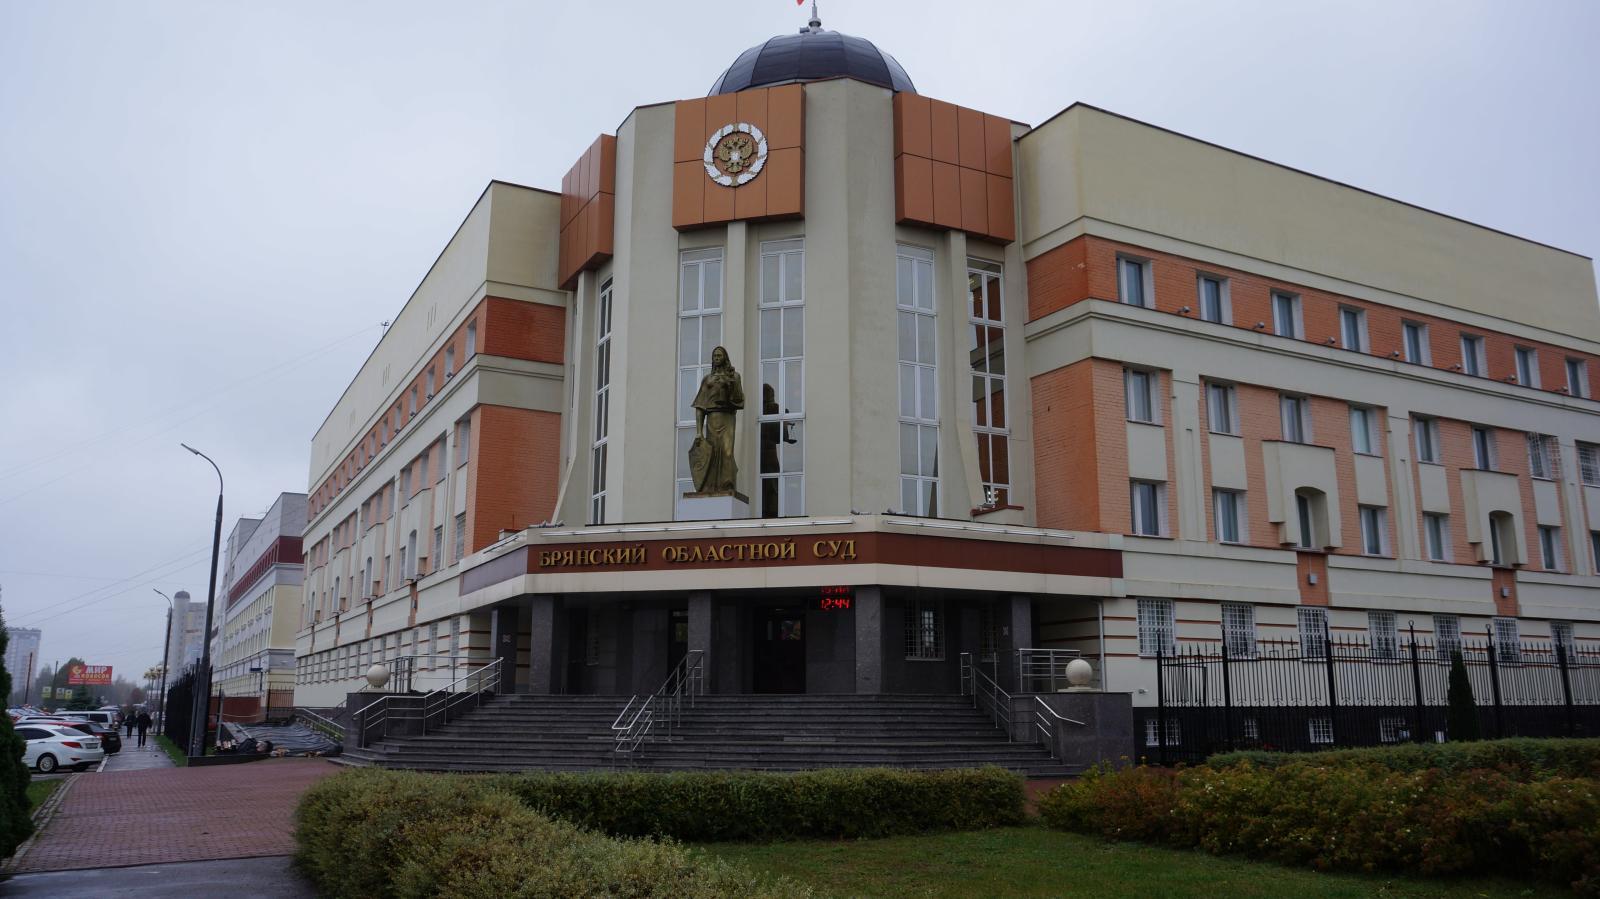 Брянский областной суд пересмотрит решение по делу оправданного чиновника Колесникова